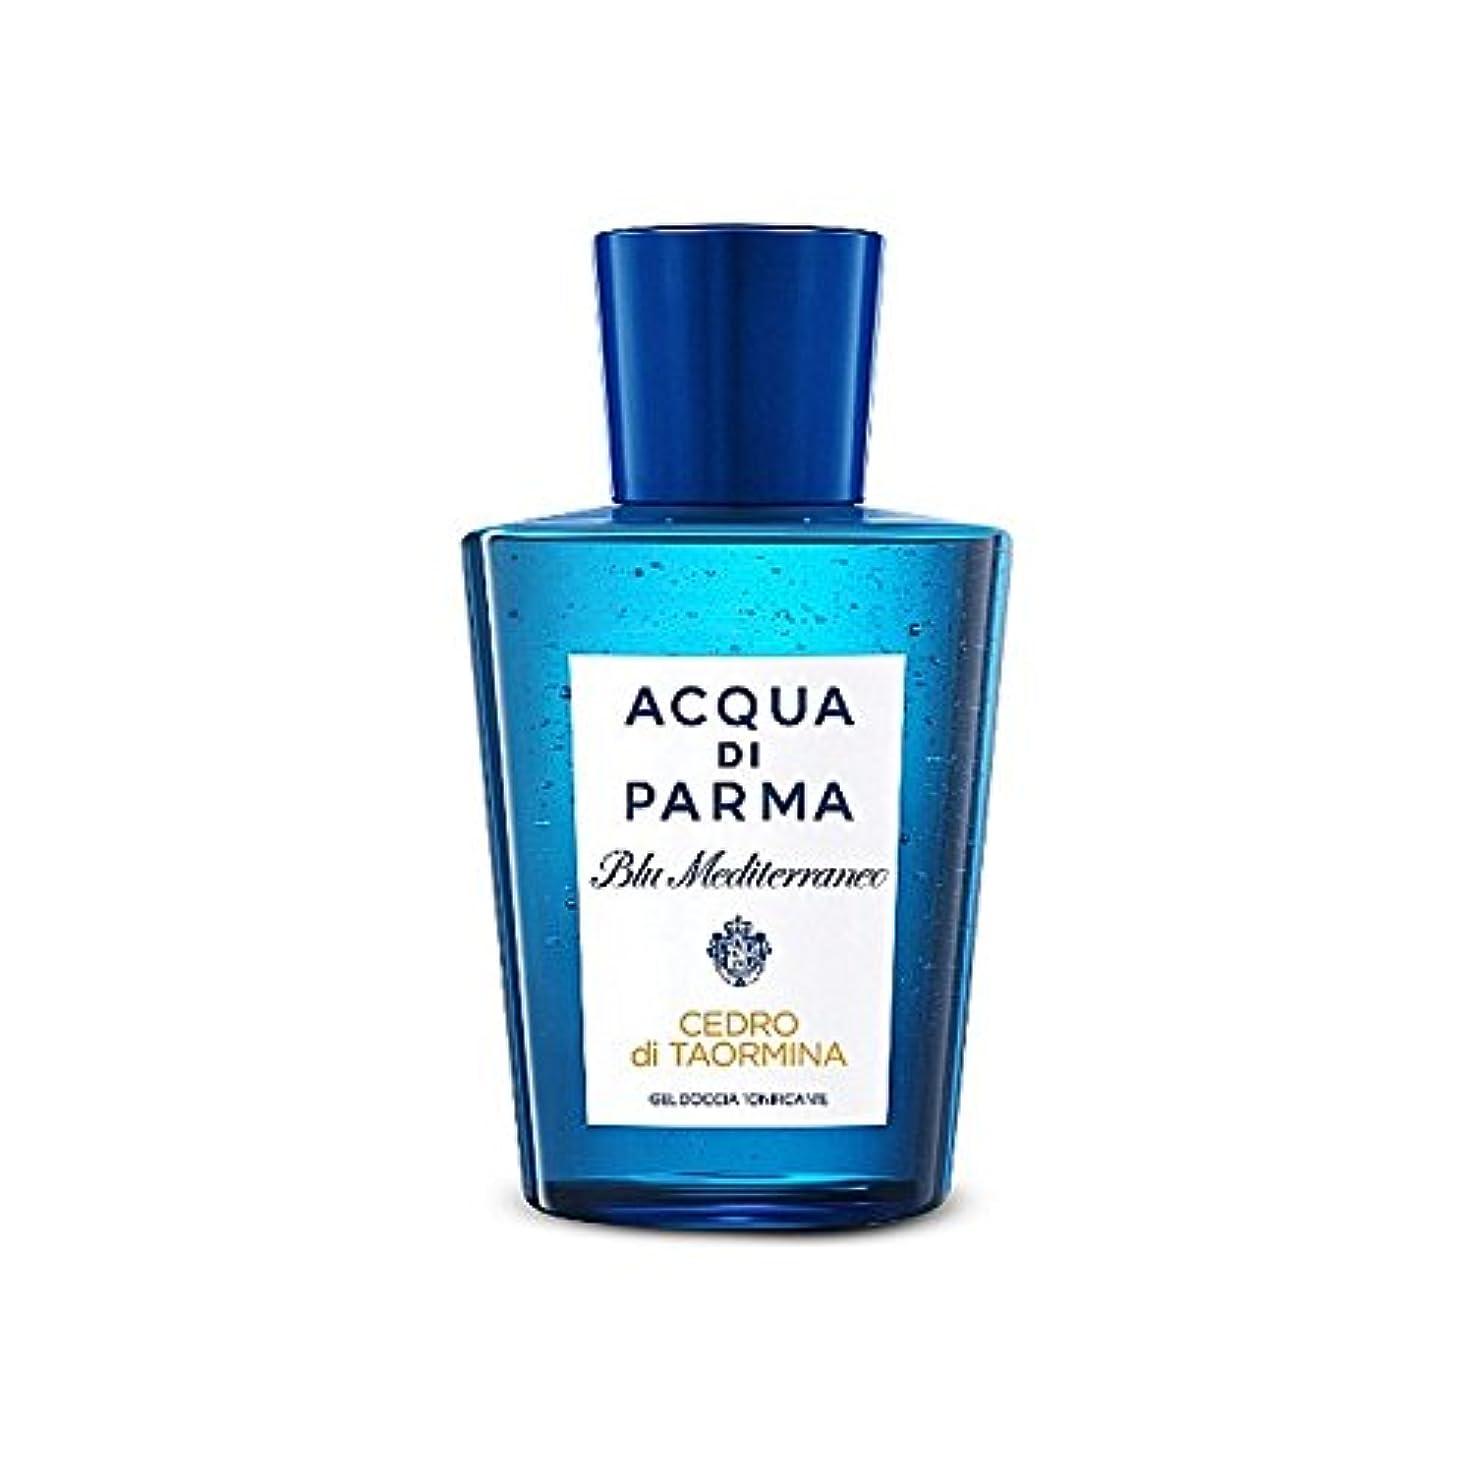 水分拍手する征服するAcqua Di Parma Cedro Di Taormina Shower Gel 200ml - アクアディパルマディミーナシャワージェル200 [並行輸入品]